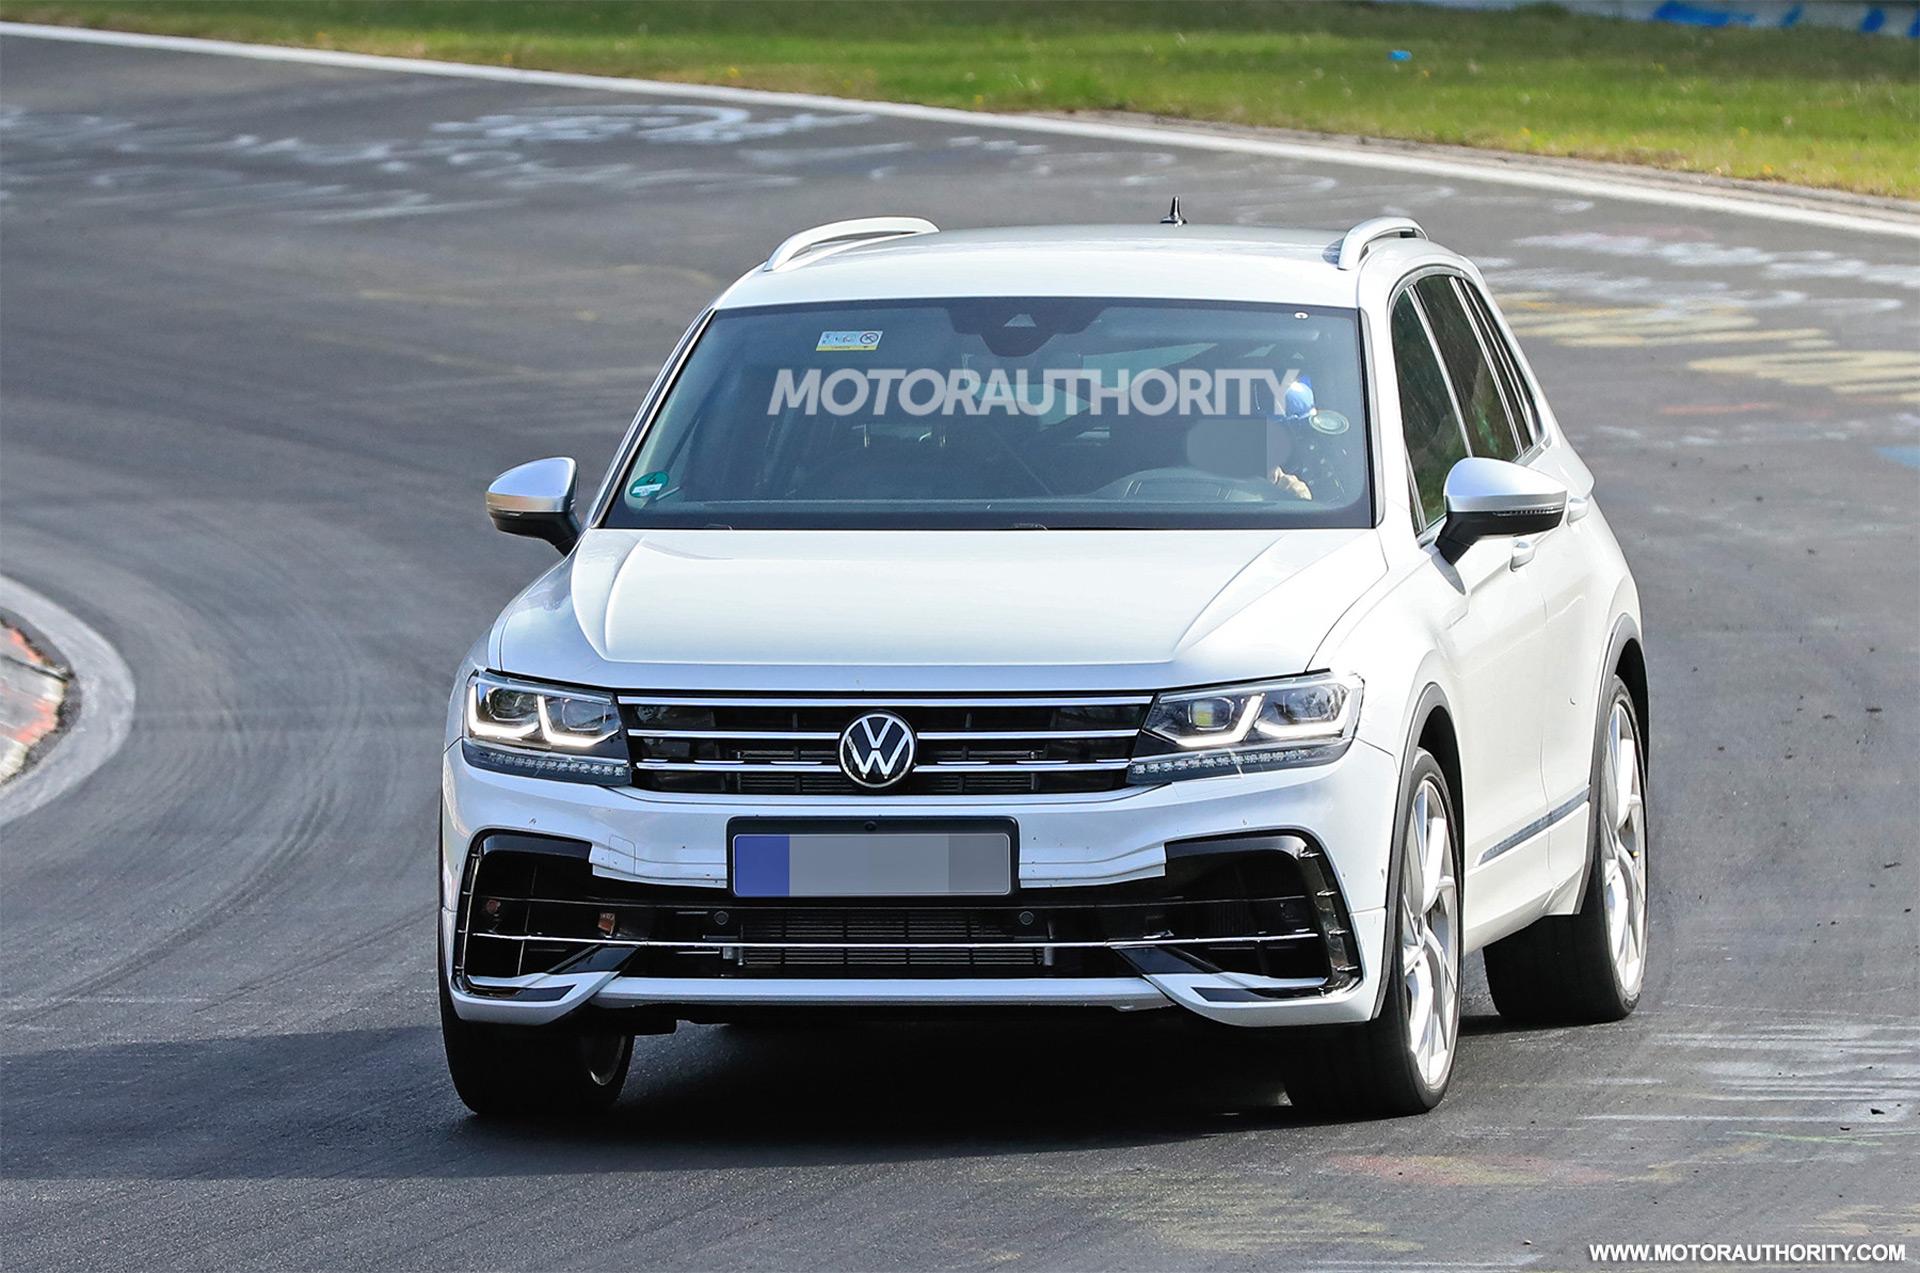 2021 Volkswagen Tiguan R Spy Shots And Video